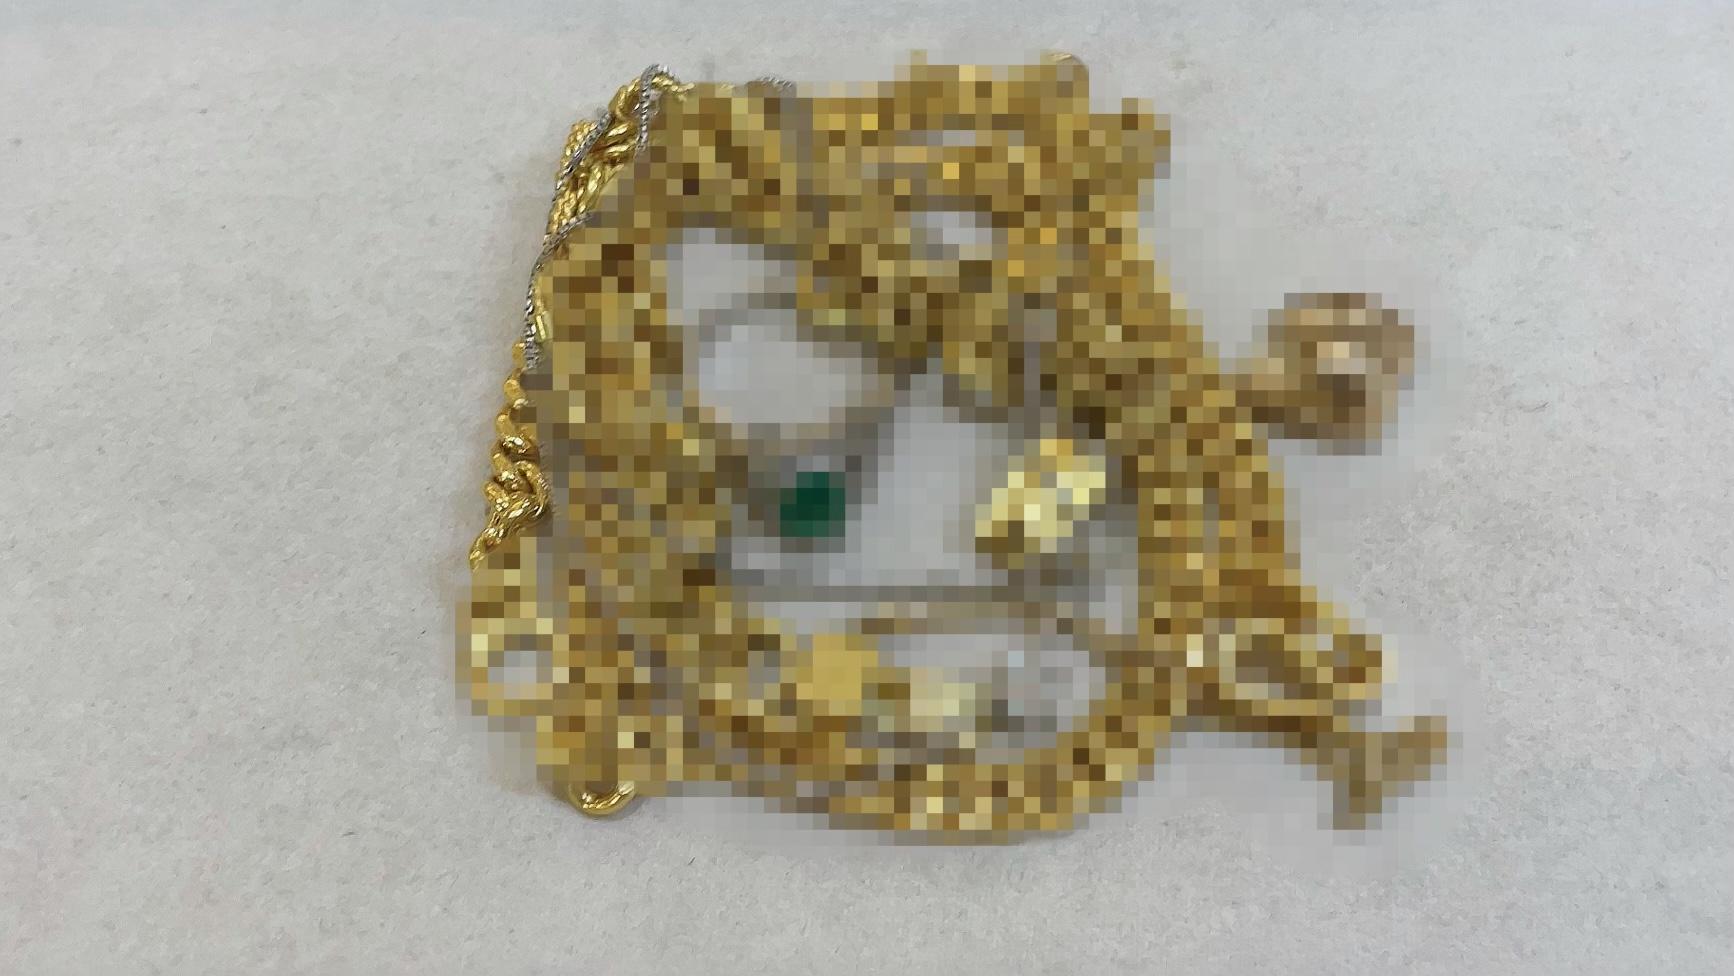 【買取速報】エメラルド、ダイヤモンド、ネックレス、ブレスレット、ペンダント、指輪、金歯、K18Y-2021-05-11